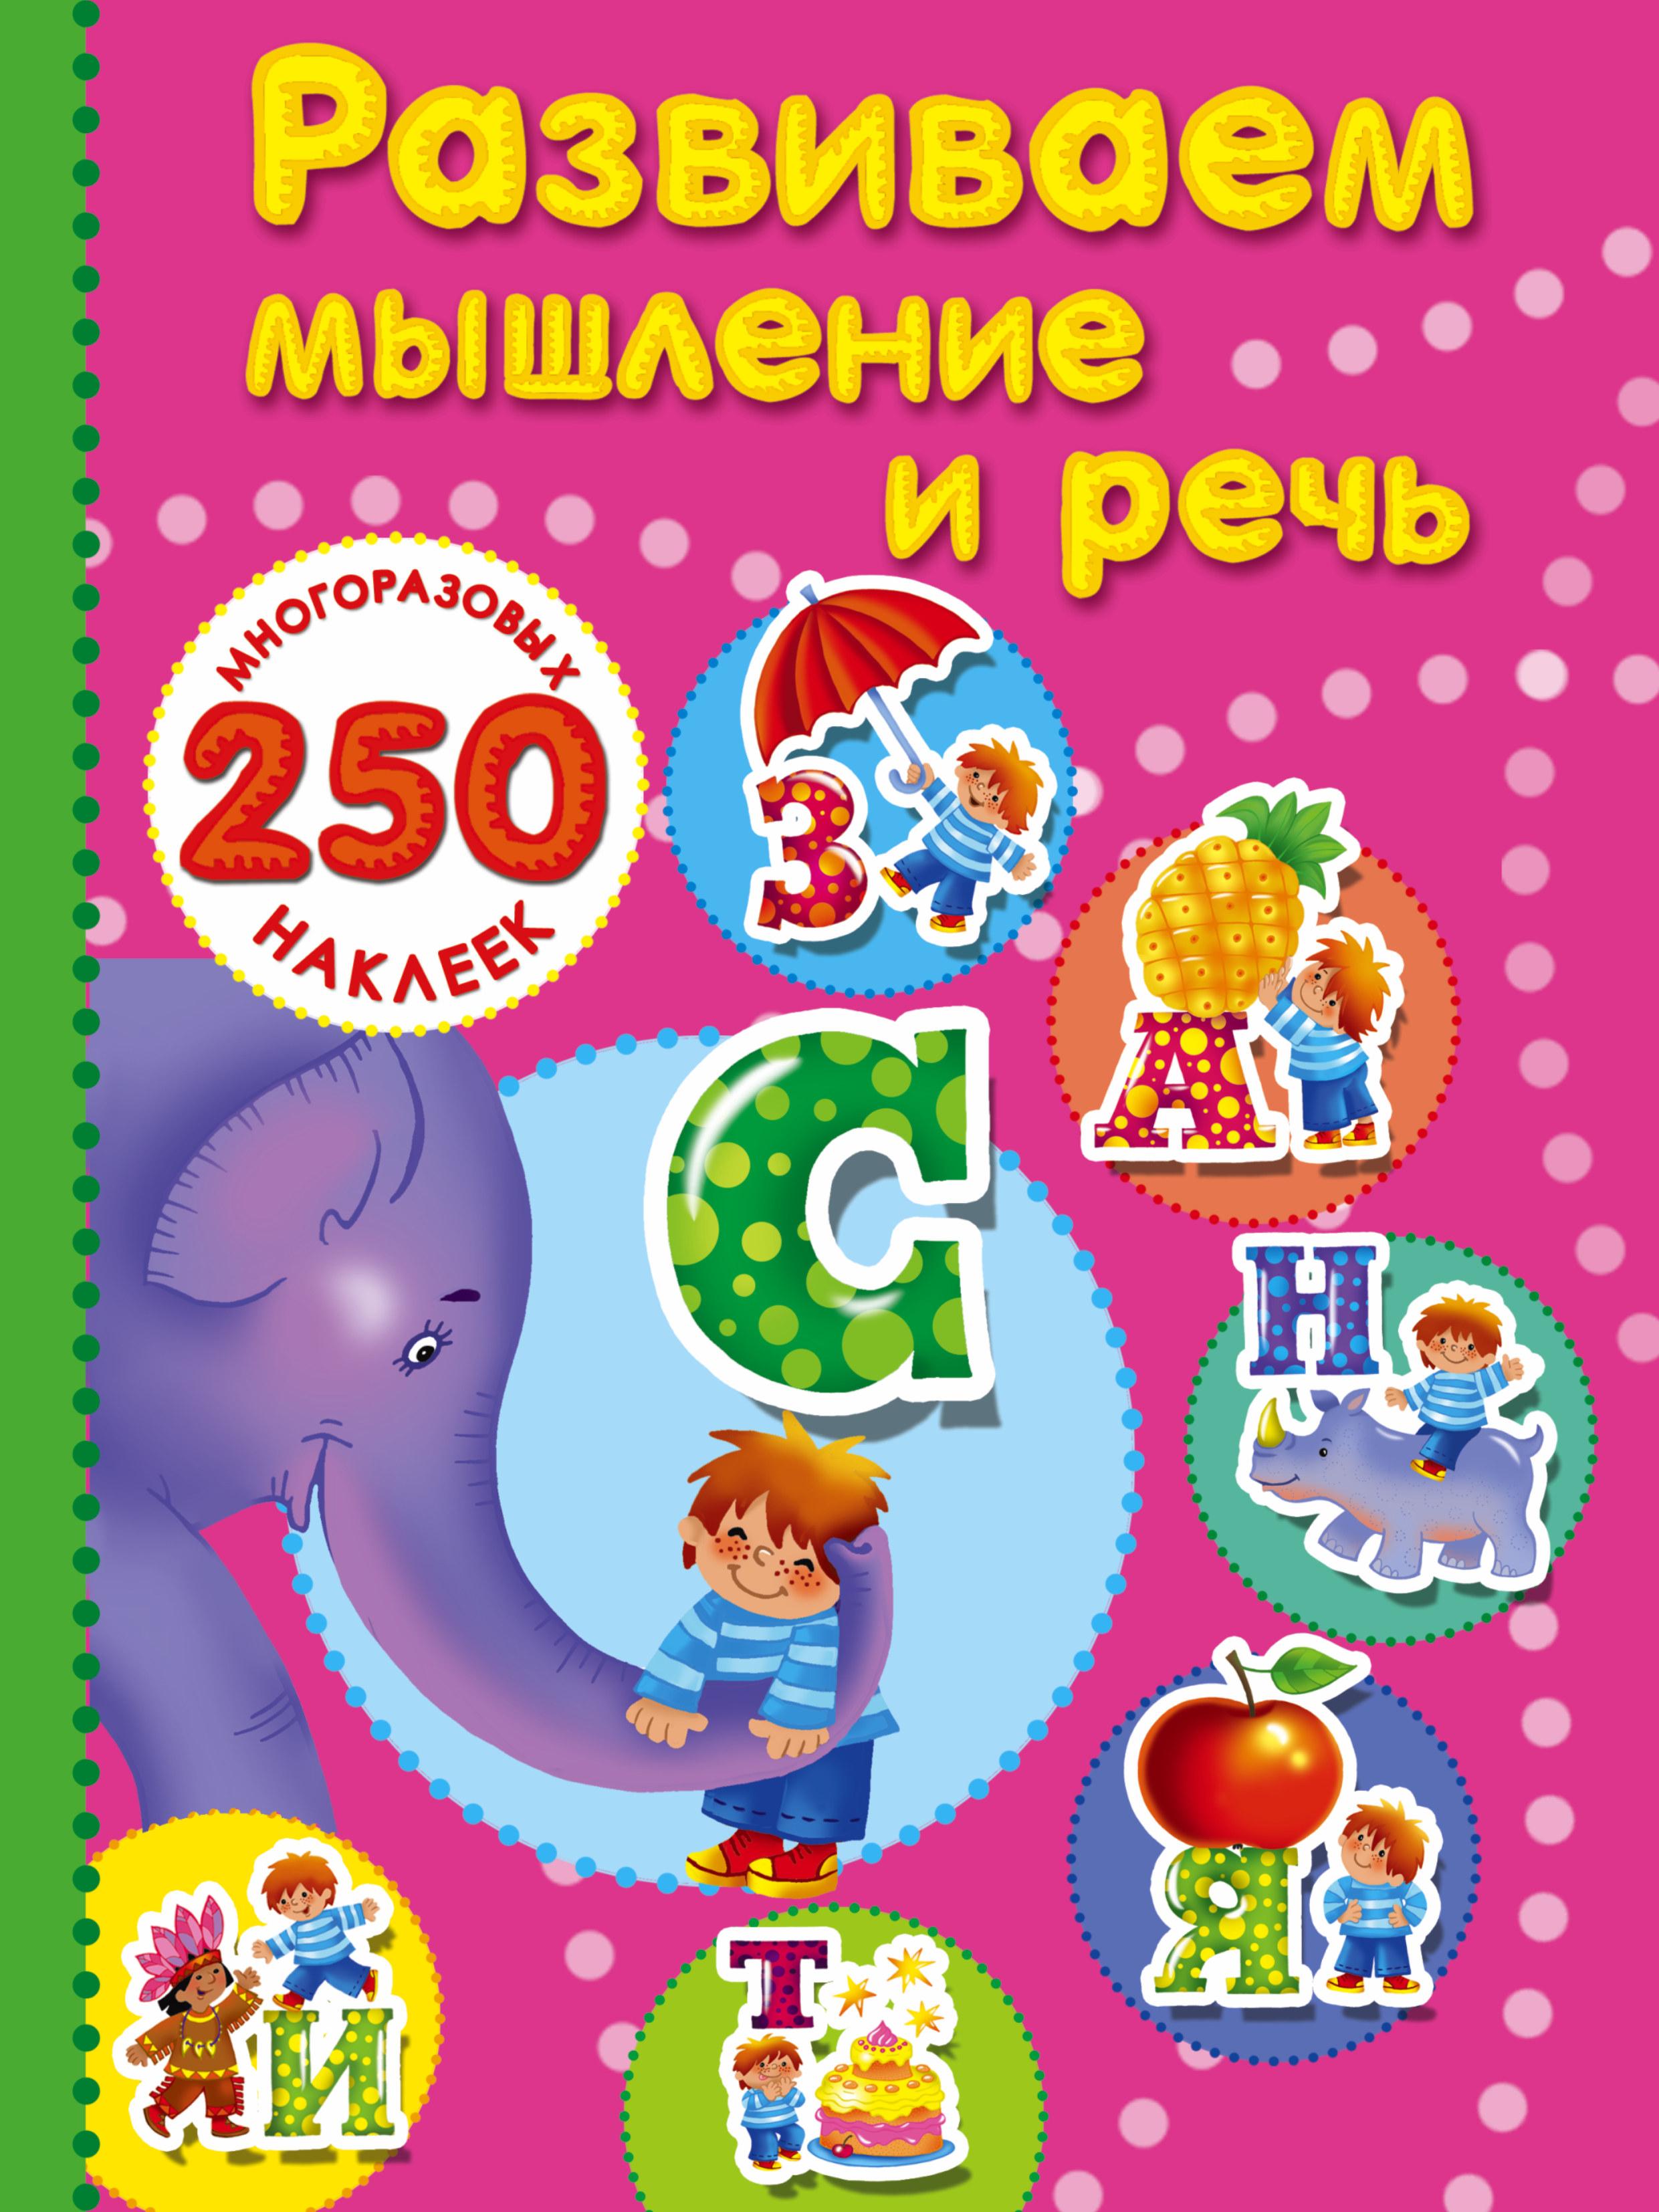 9785171015282 - Валентина Дмитриева: Развиваем мышление и речь (+ наклейки) - Книга